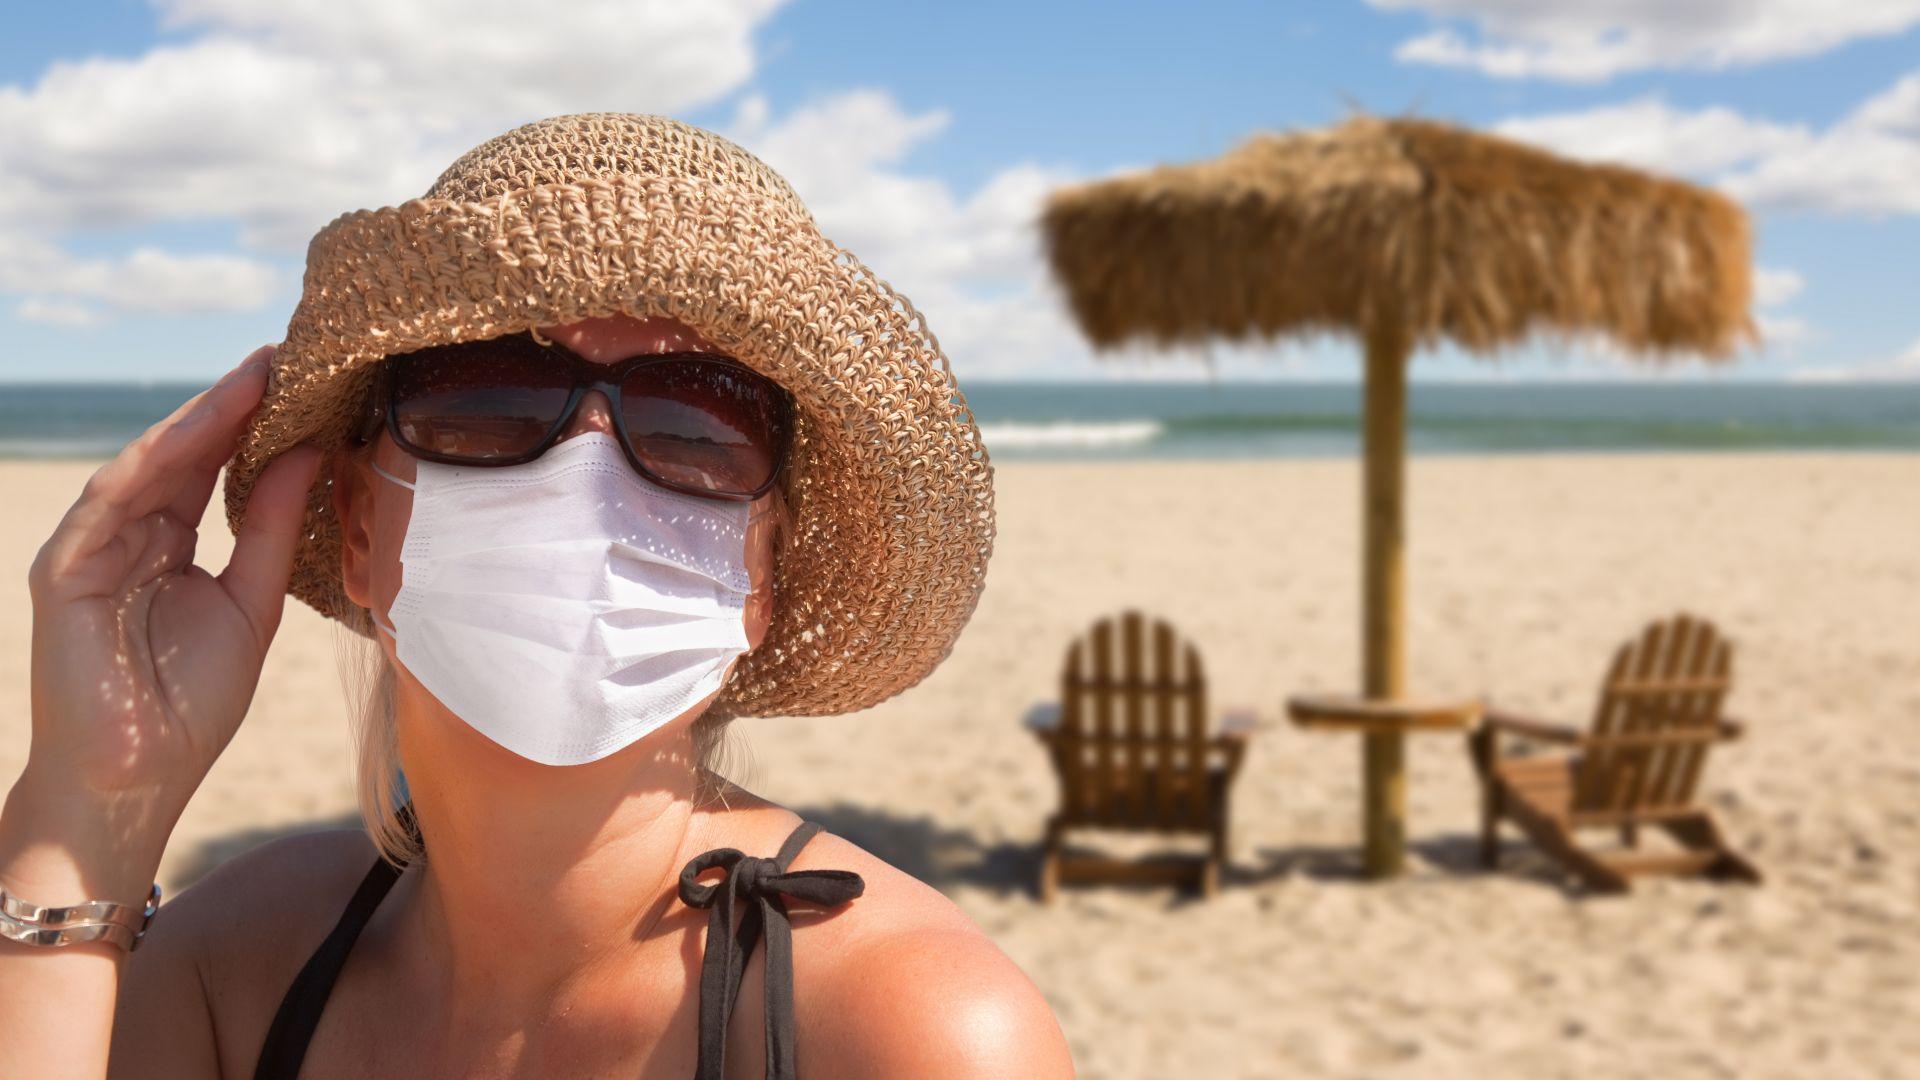 След масов бой на плажа: Белгийското крайбрежие става недостъпно за свободен туризъм